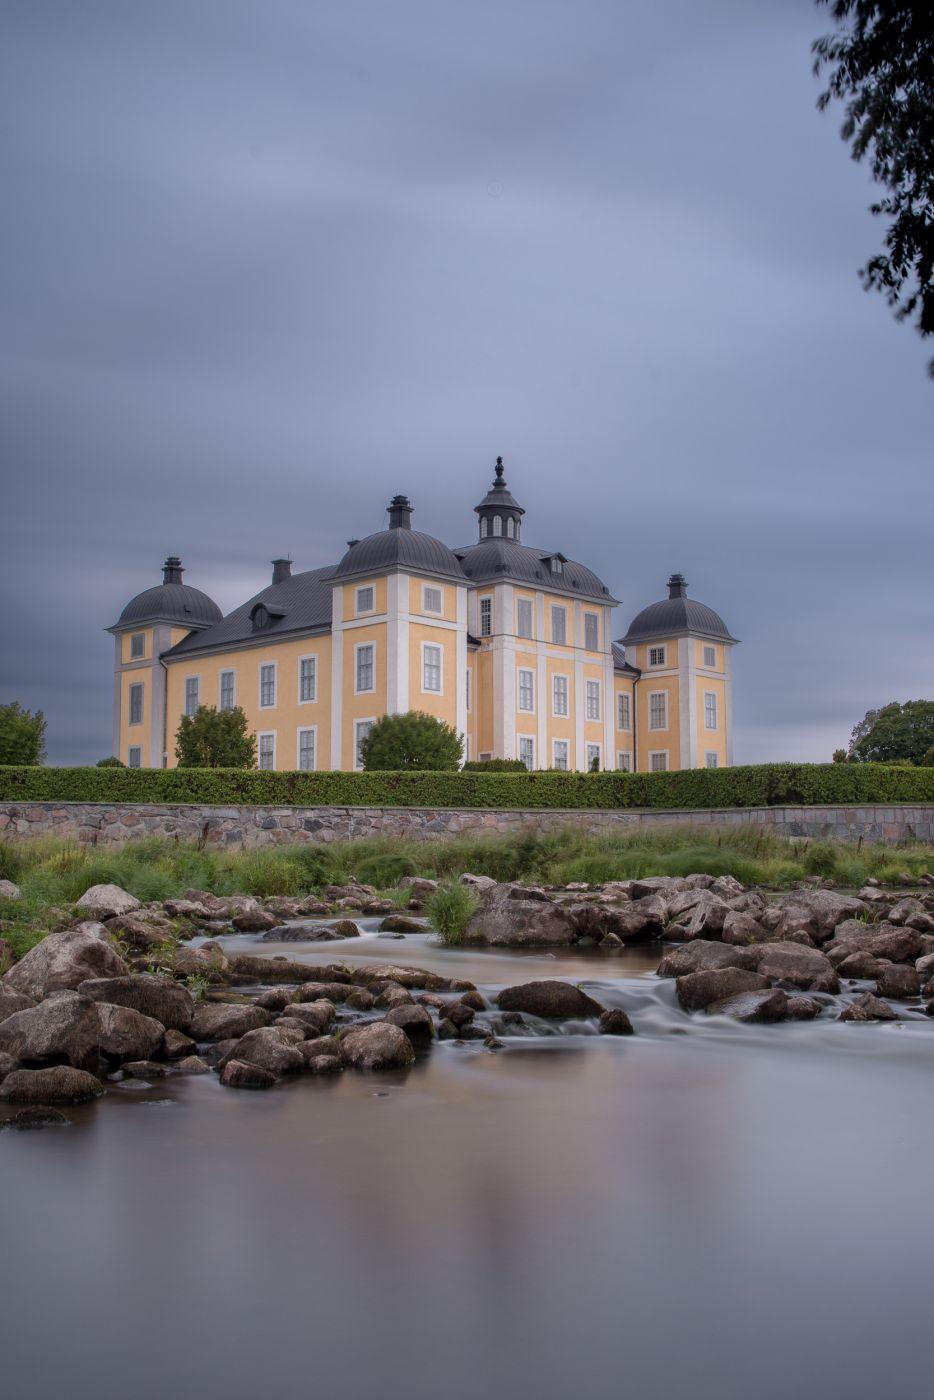 Strömsholm Slott, Sweden